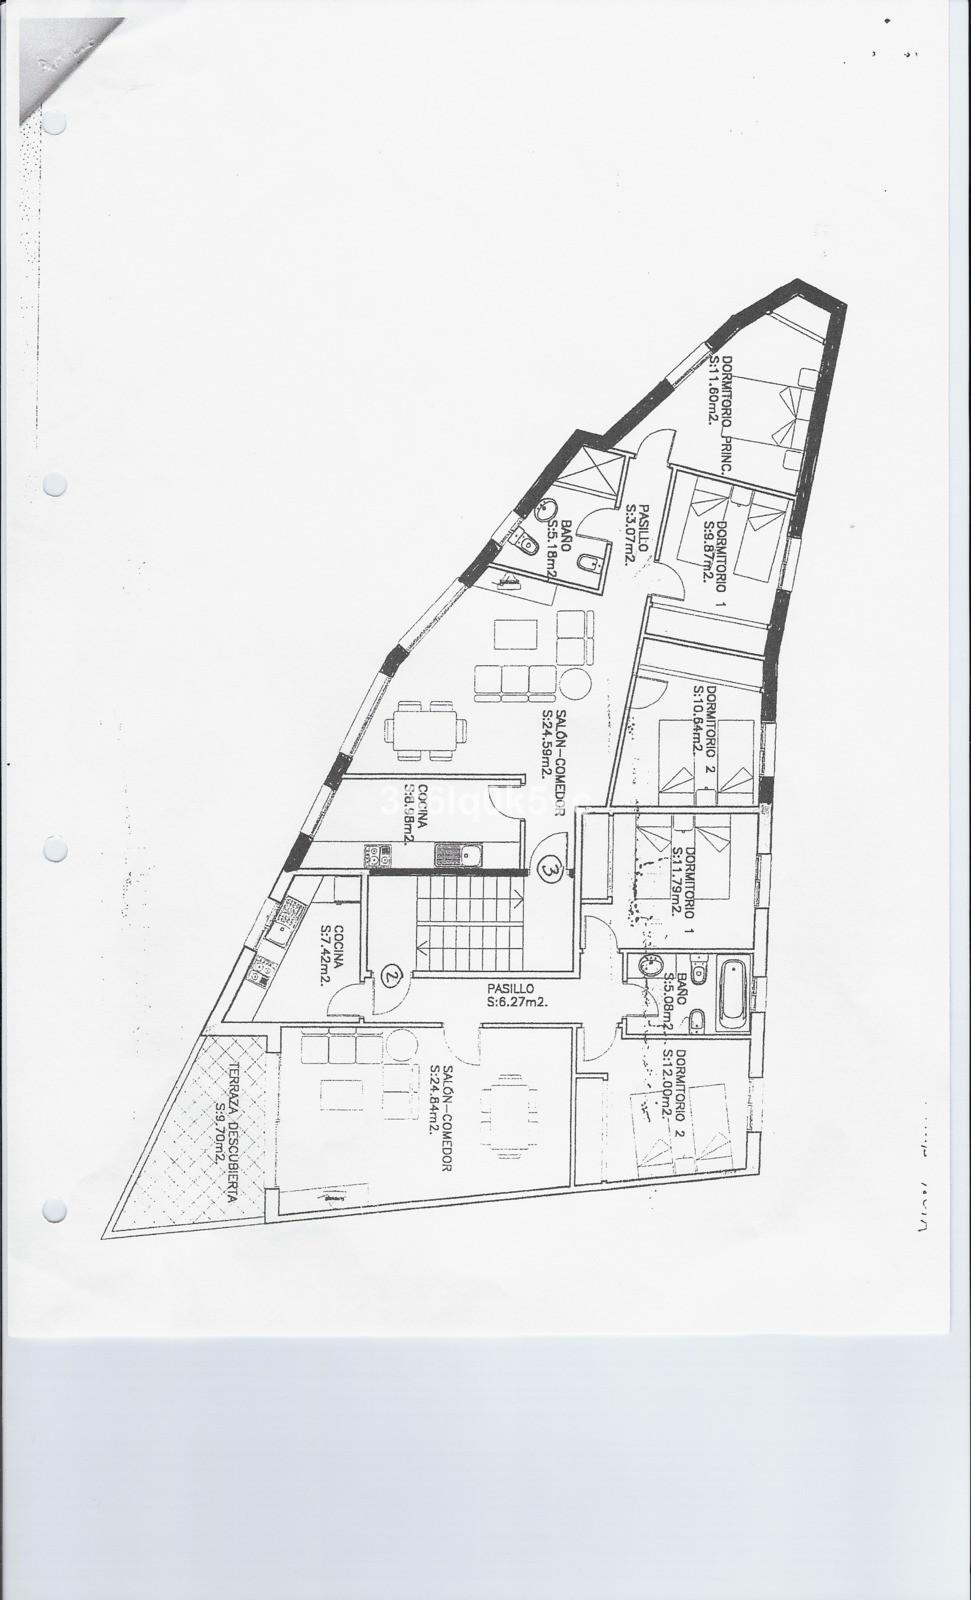 Residential Plot For Sale Benahavís